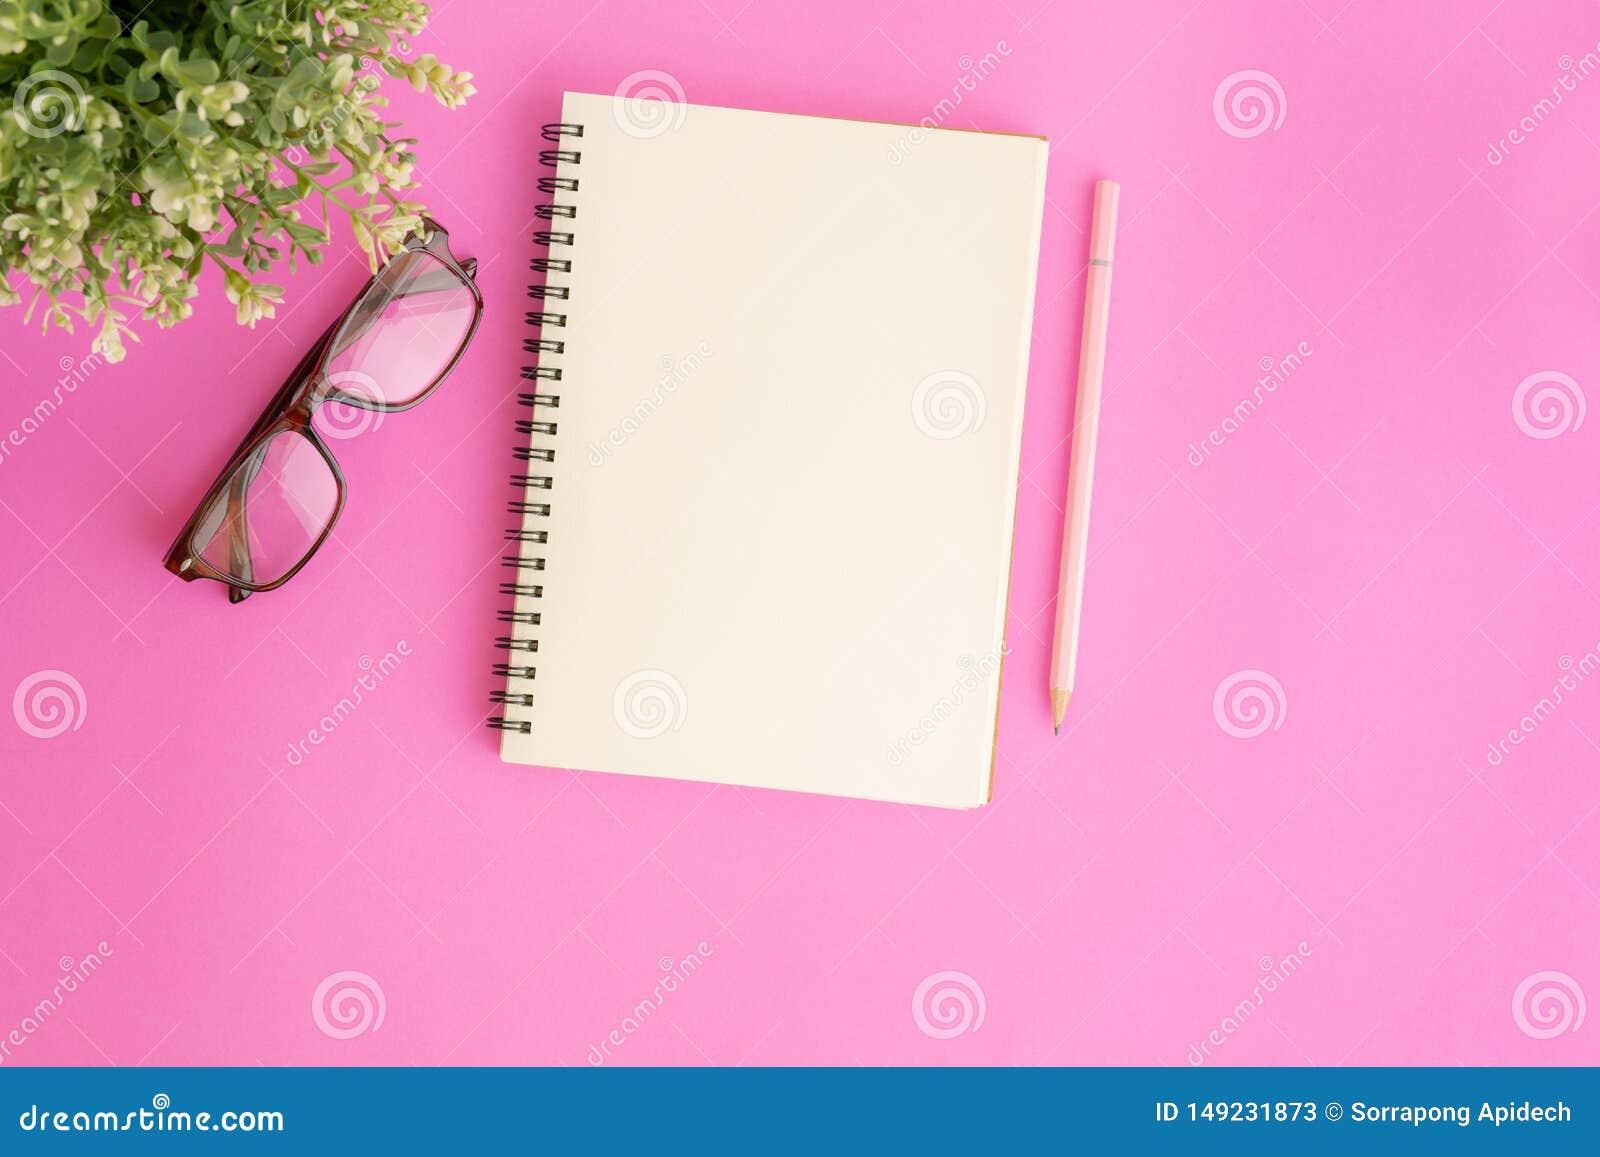 Tom anteckningsbok och blyertspenna på rosa bakgrund, plant lekmanna- foto av anteckningsboken för ditt meddelande